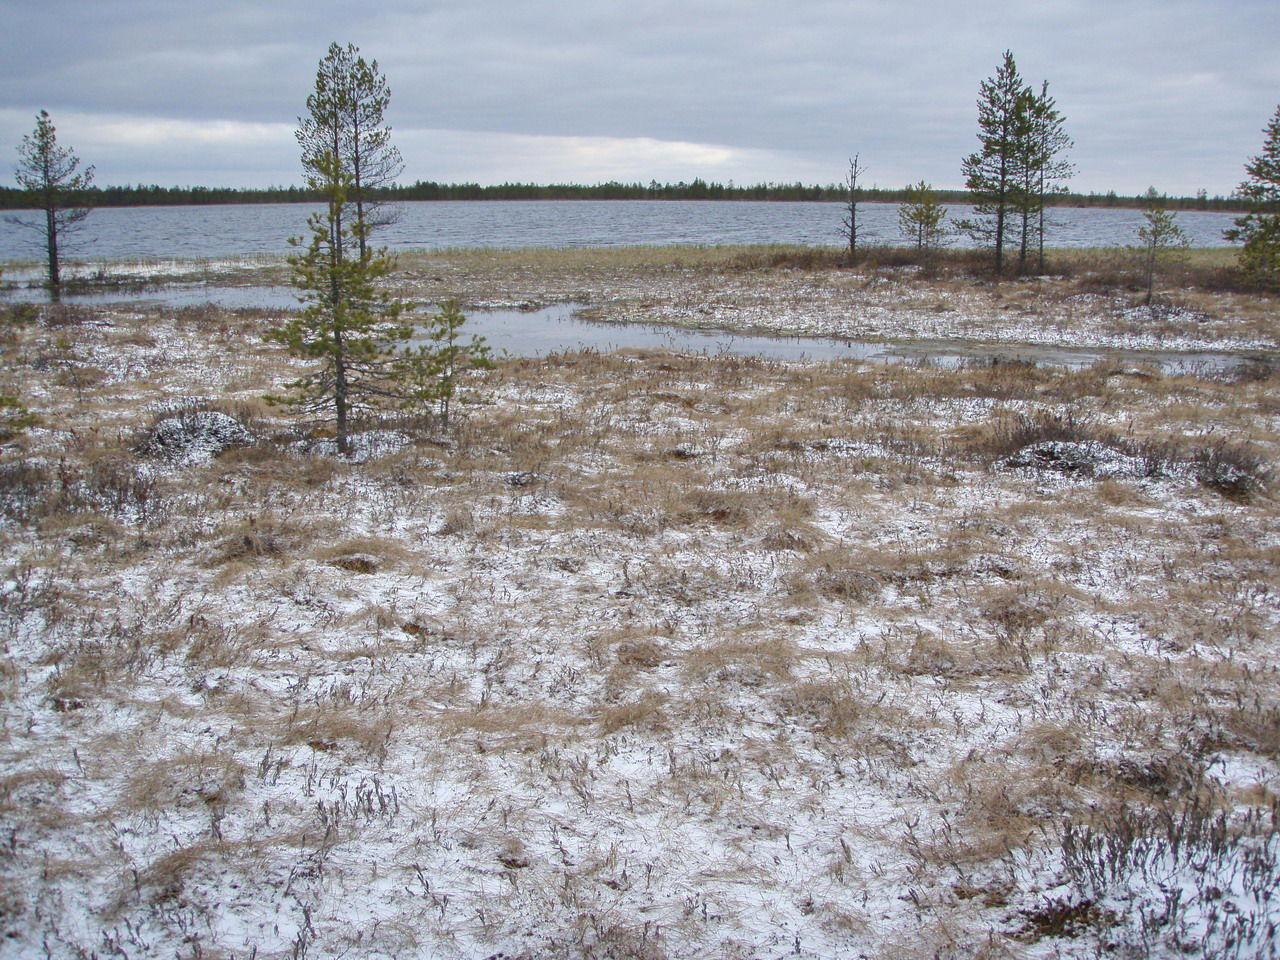 вам плохо, великое болото фото вологодская область очень